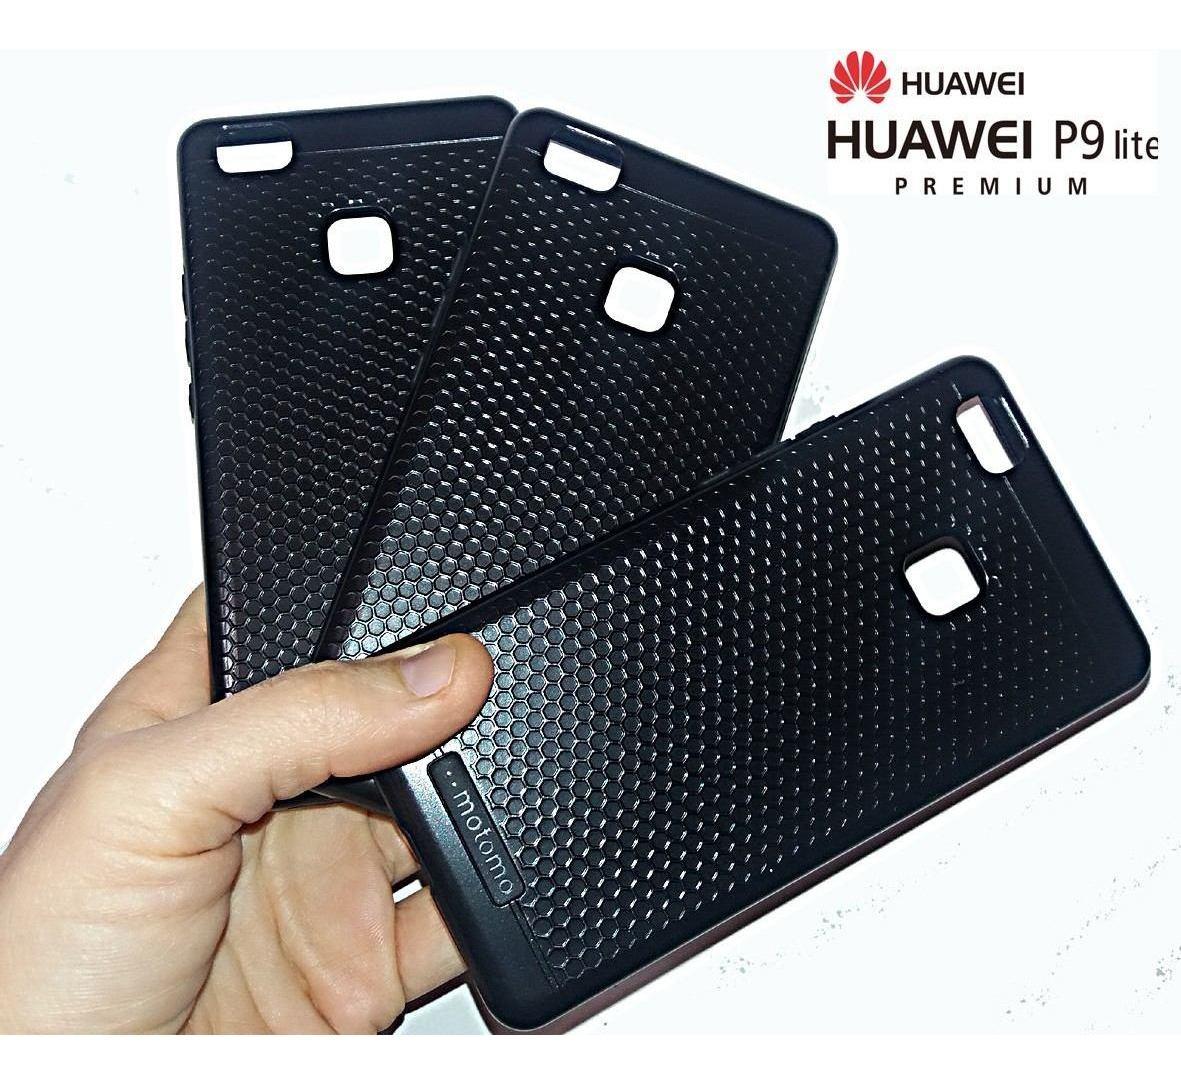 a7e3fc5fcd7 Funda Tpu Huawei P9 Lite Reforzada Original Motomo - $ 133,17 en ...